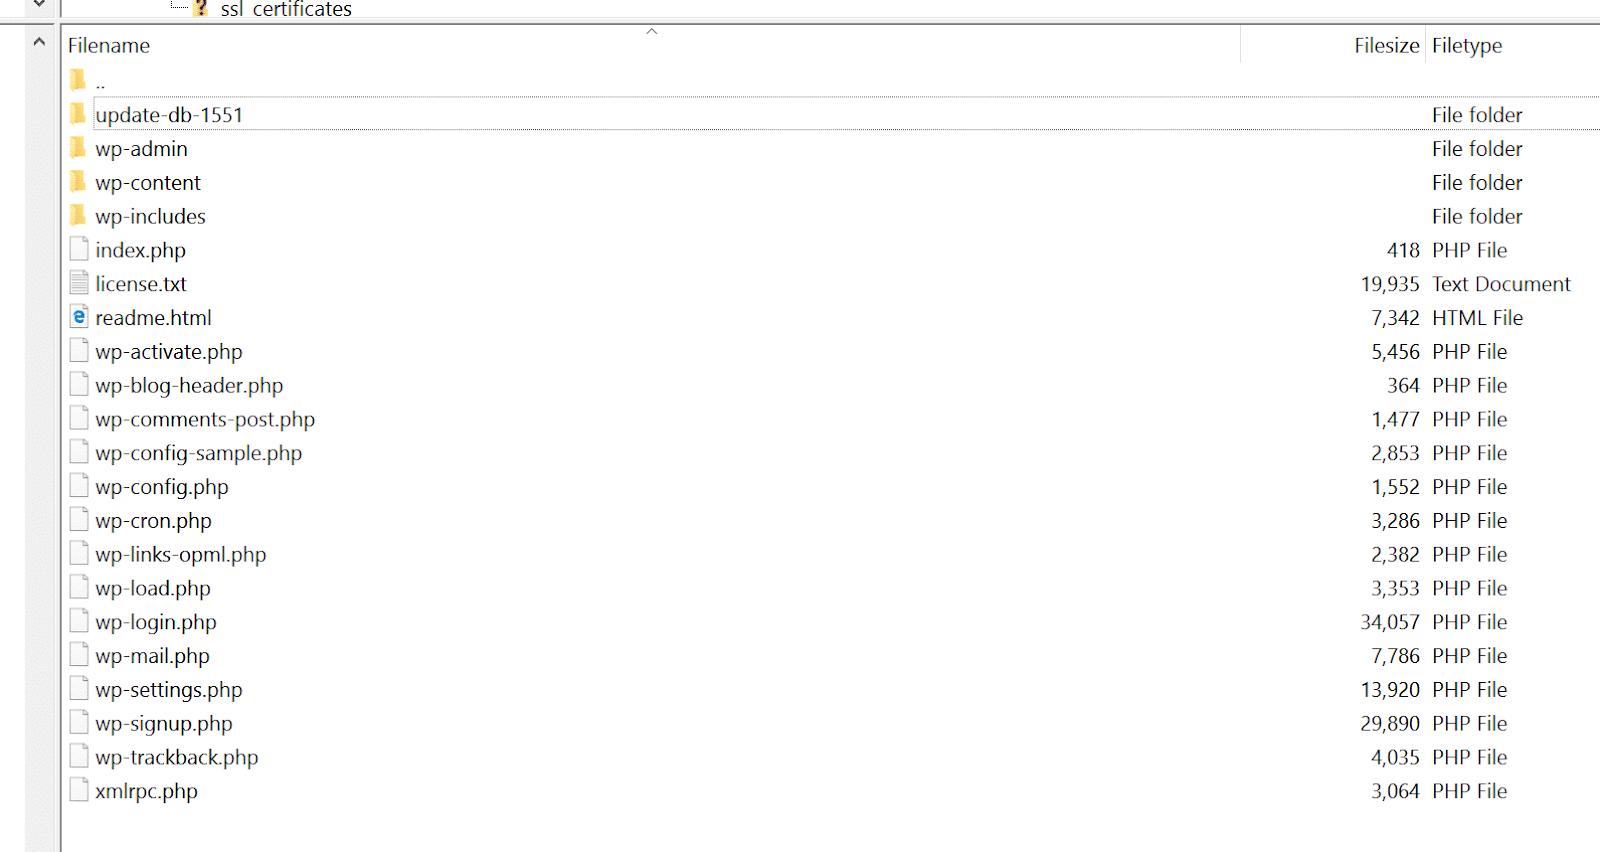 Het uploaden van het zoek- en vervangscript van Interconnect.